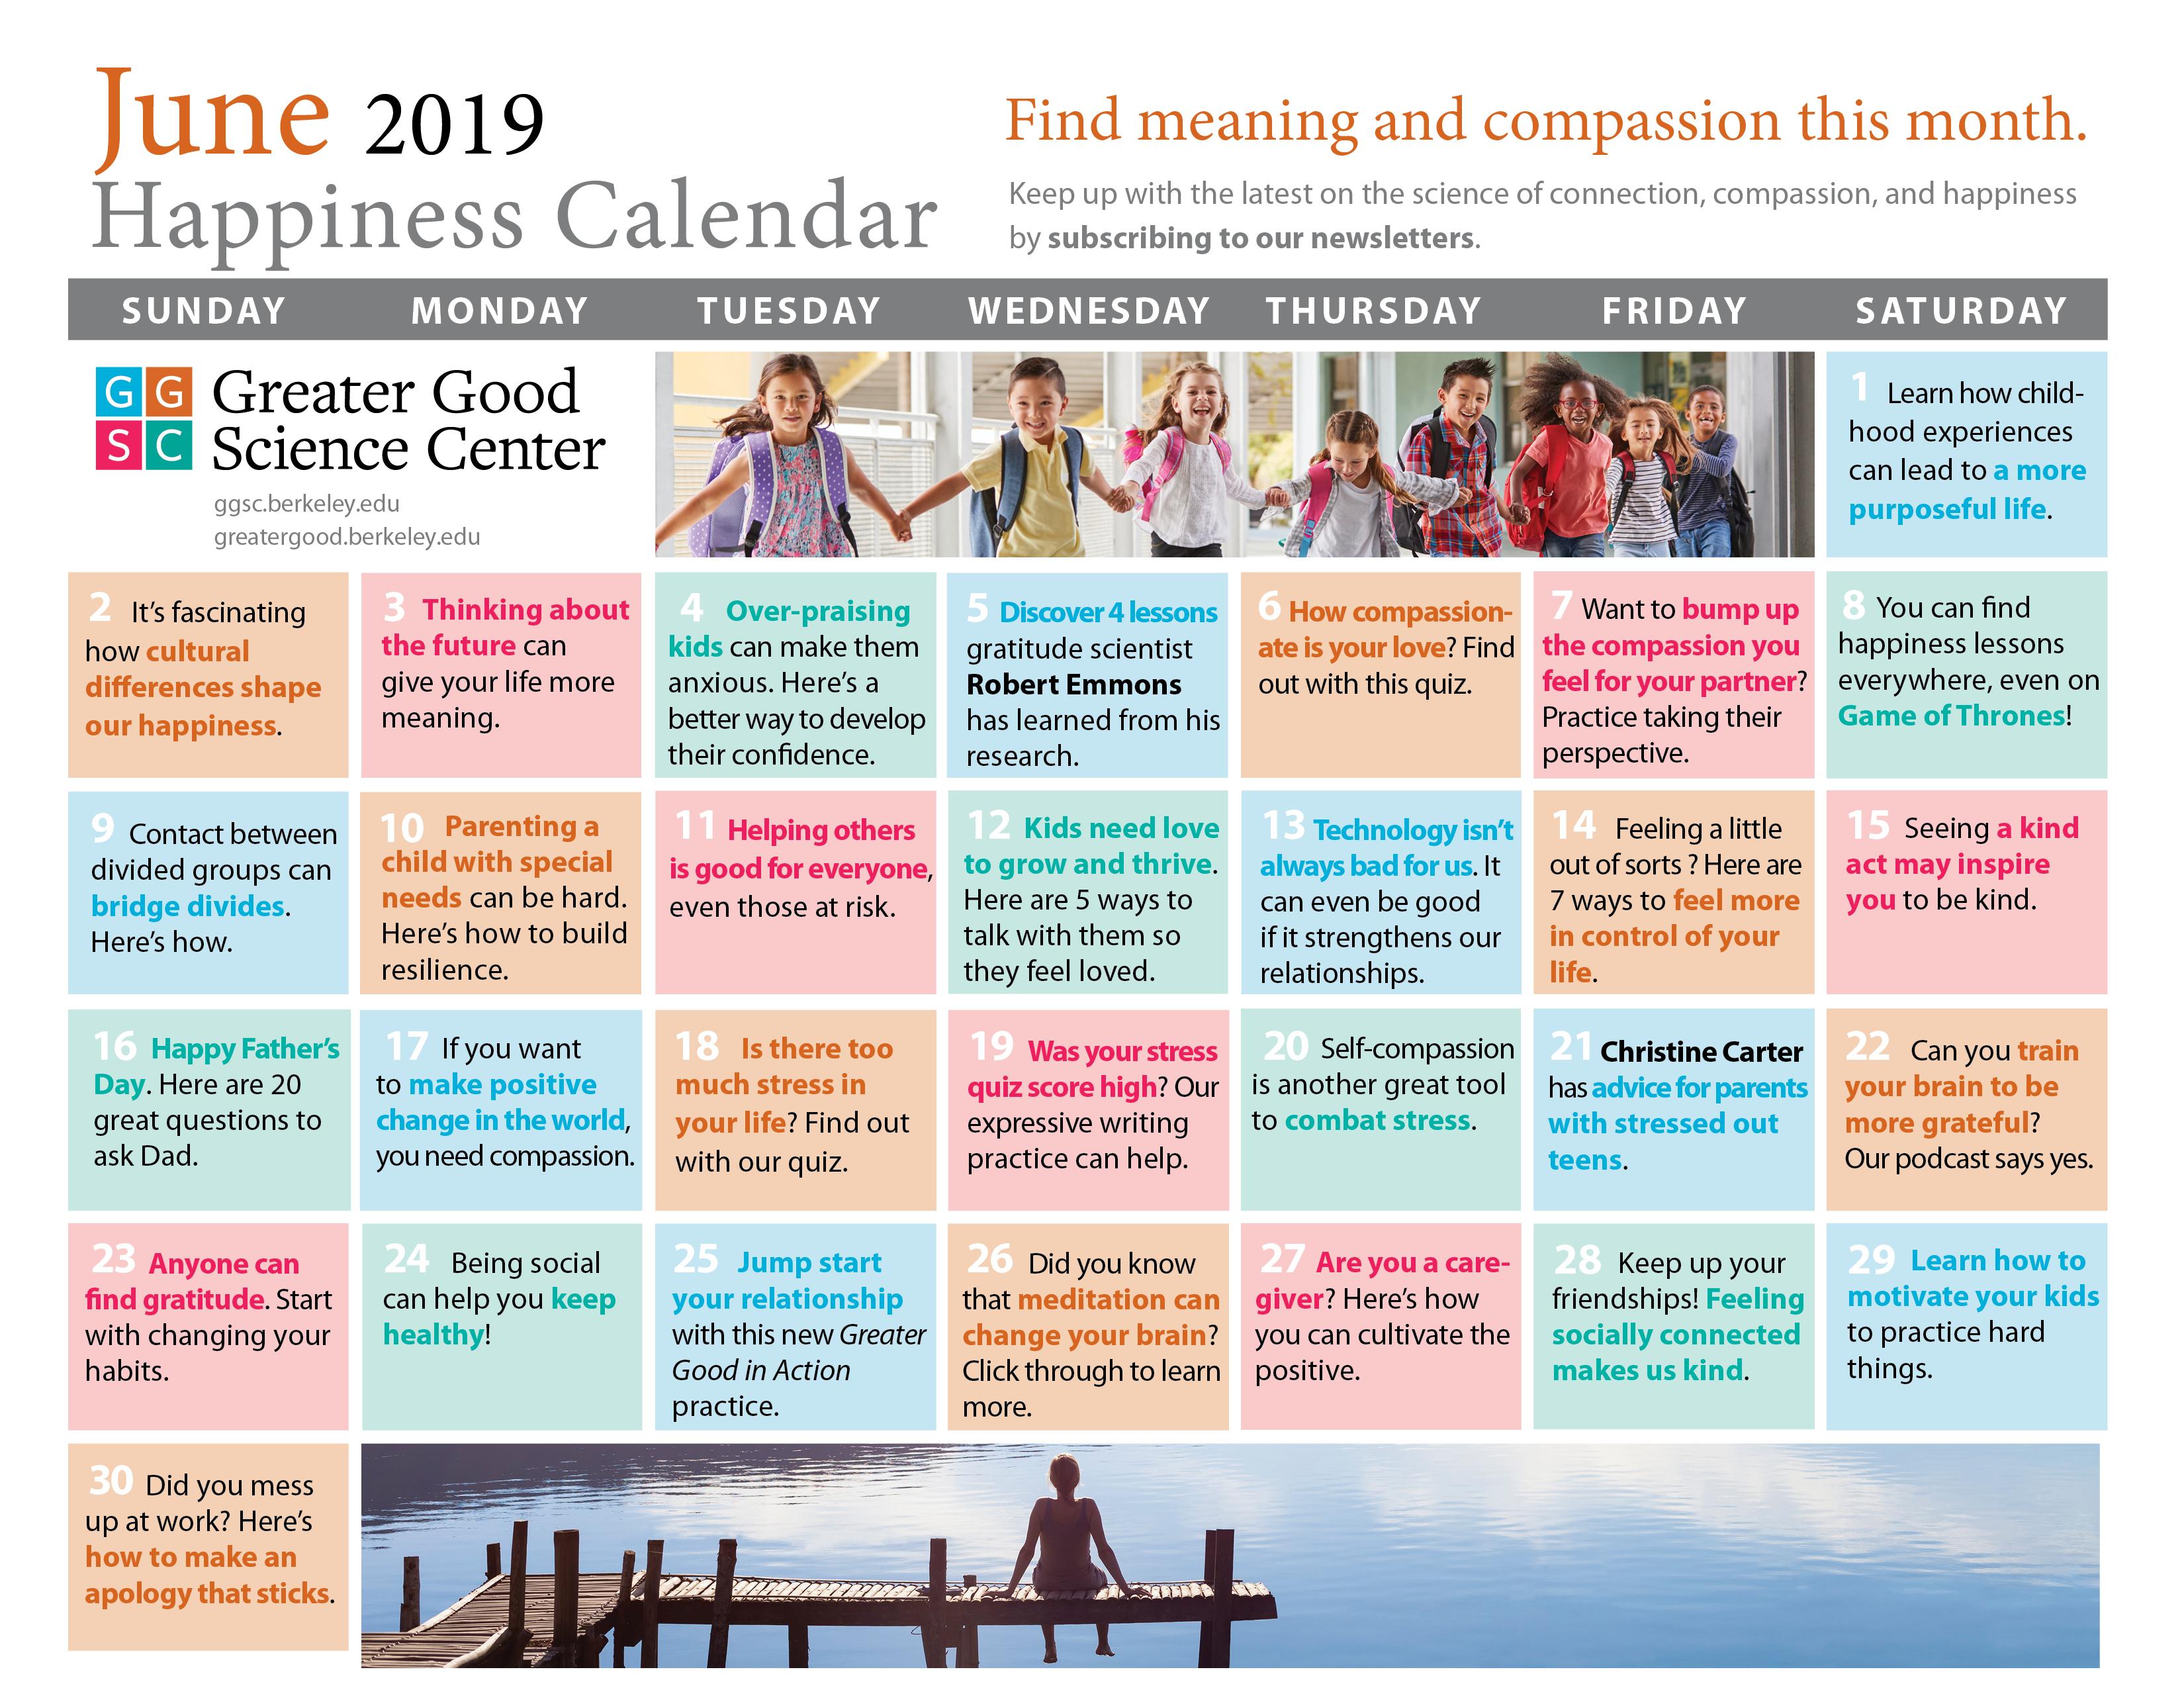 Your Happiness Calendar For June 2019 regarding Uc Berkeley 2020 Calendar